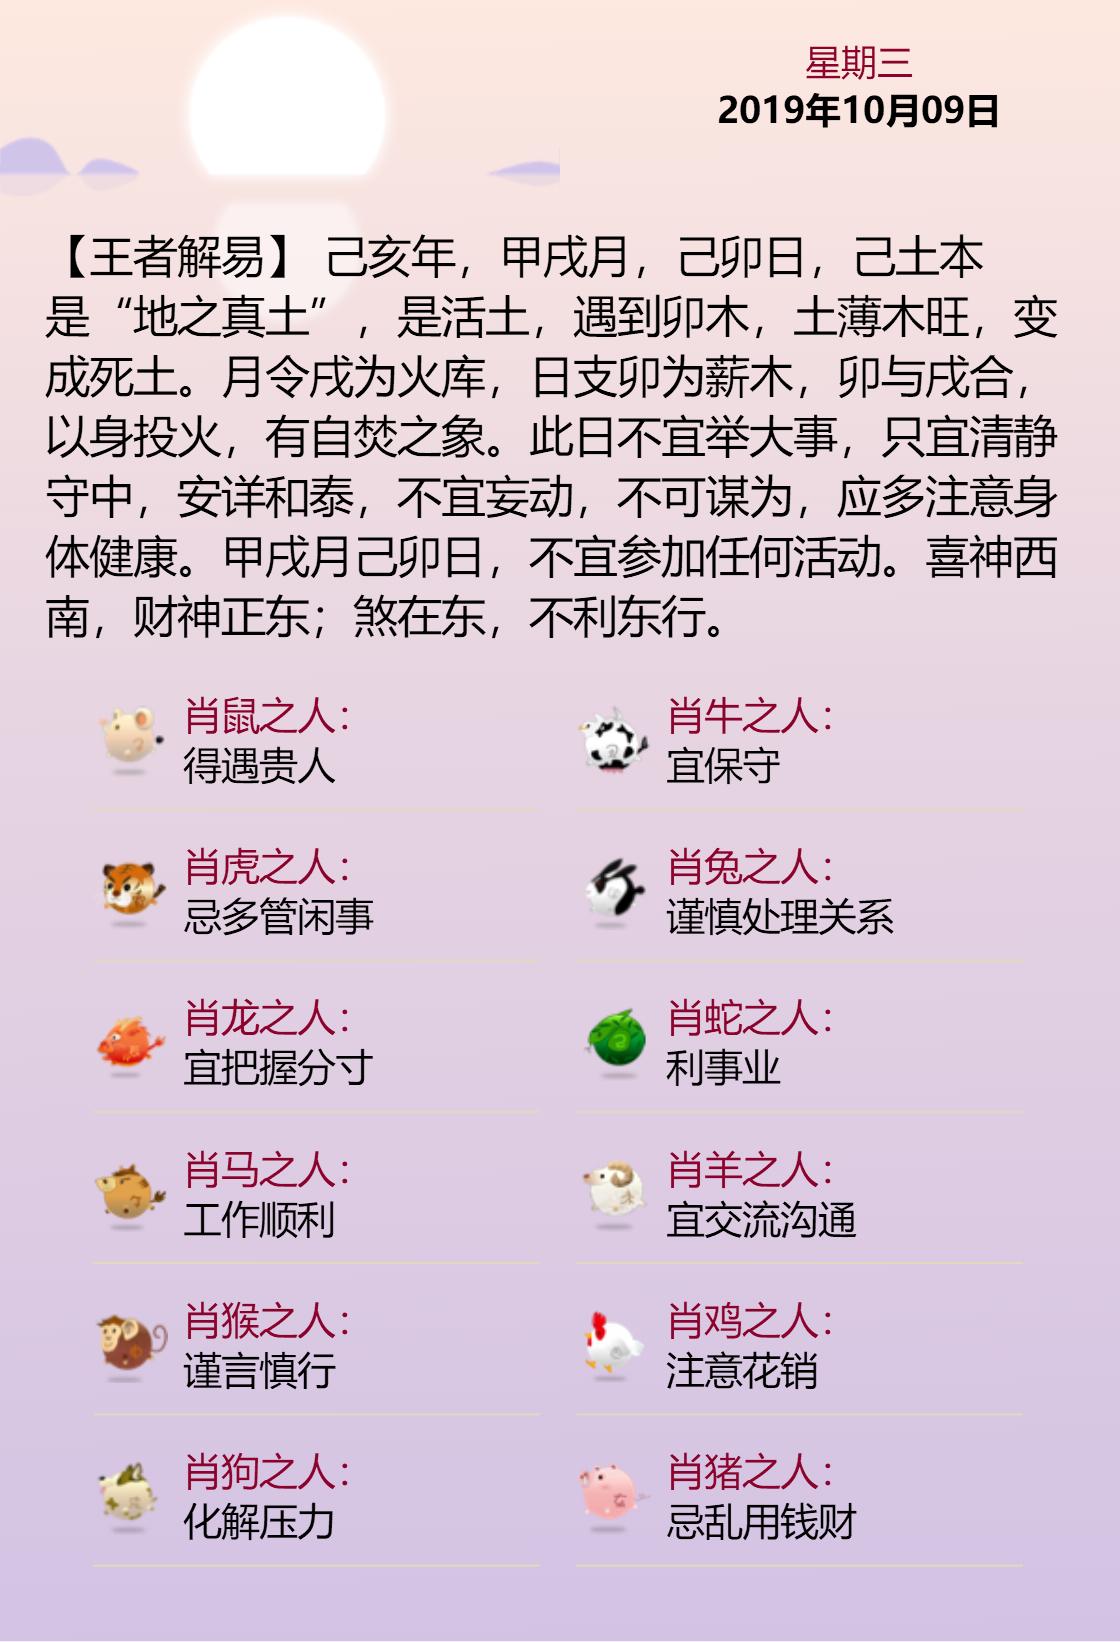 黄历海报20191009.png